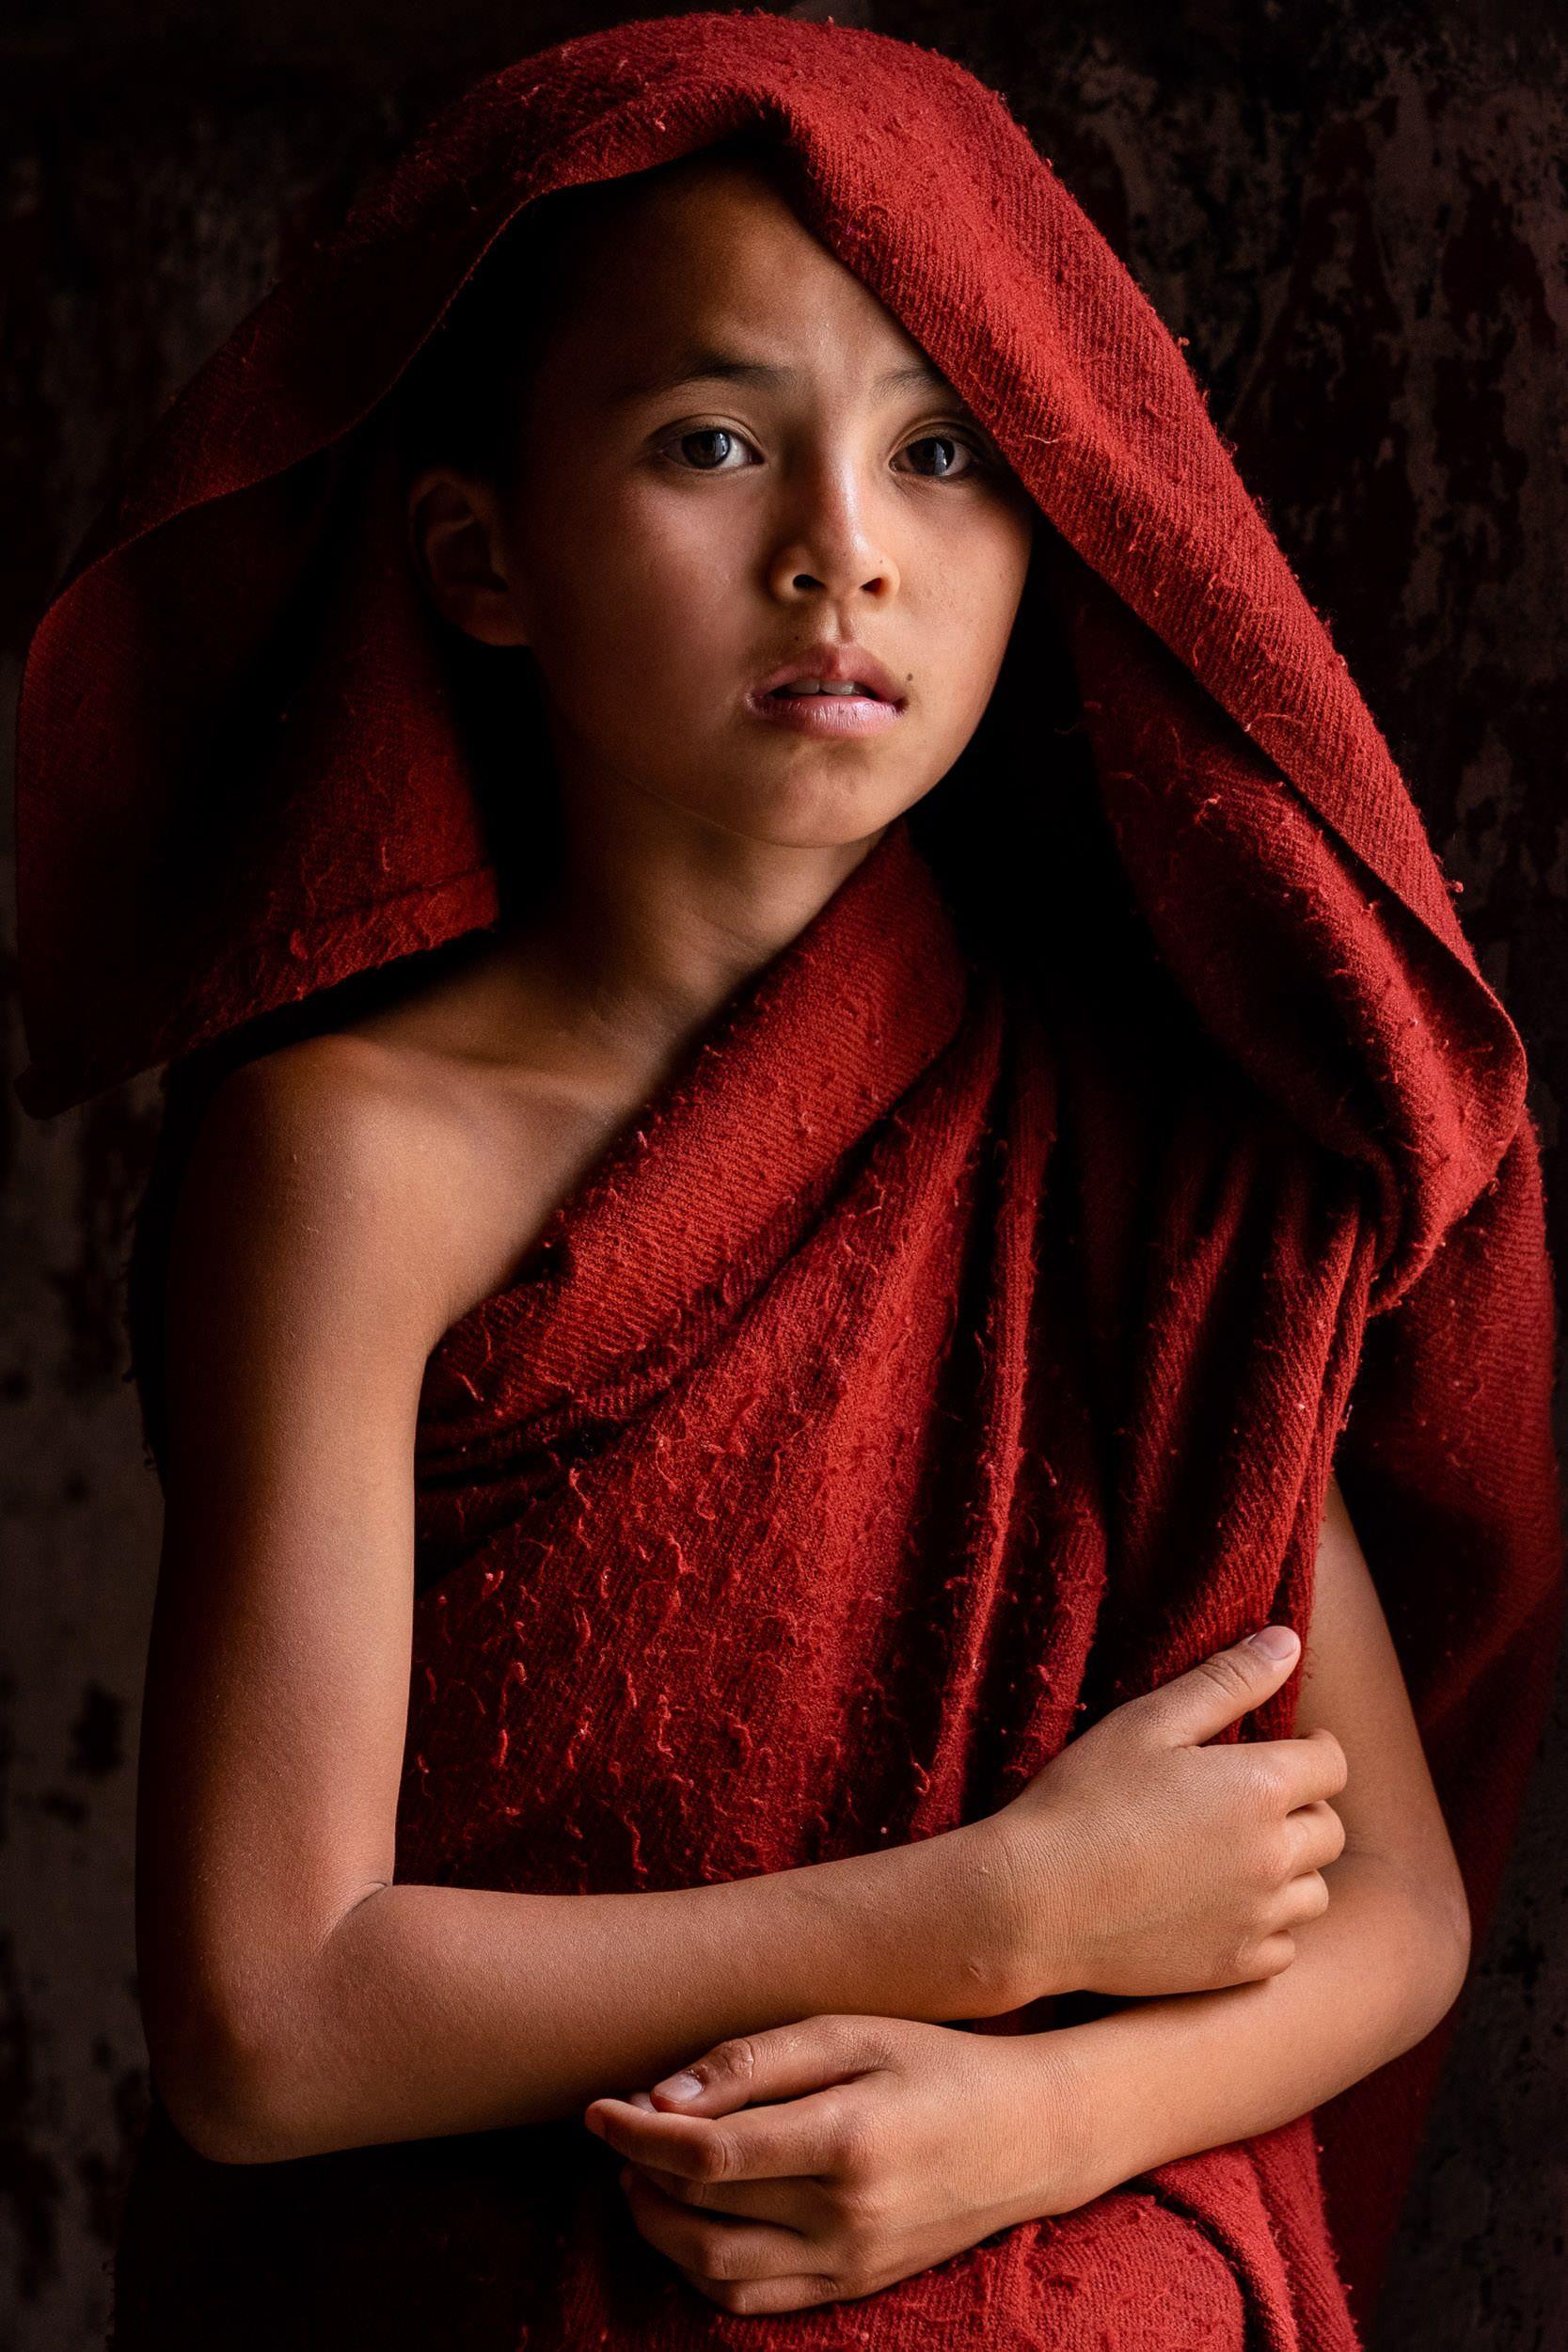 Nude Photo Of Myanmar Girl - XXX GALLERY